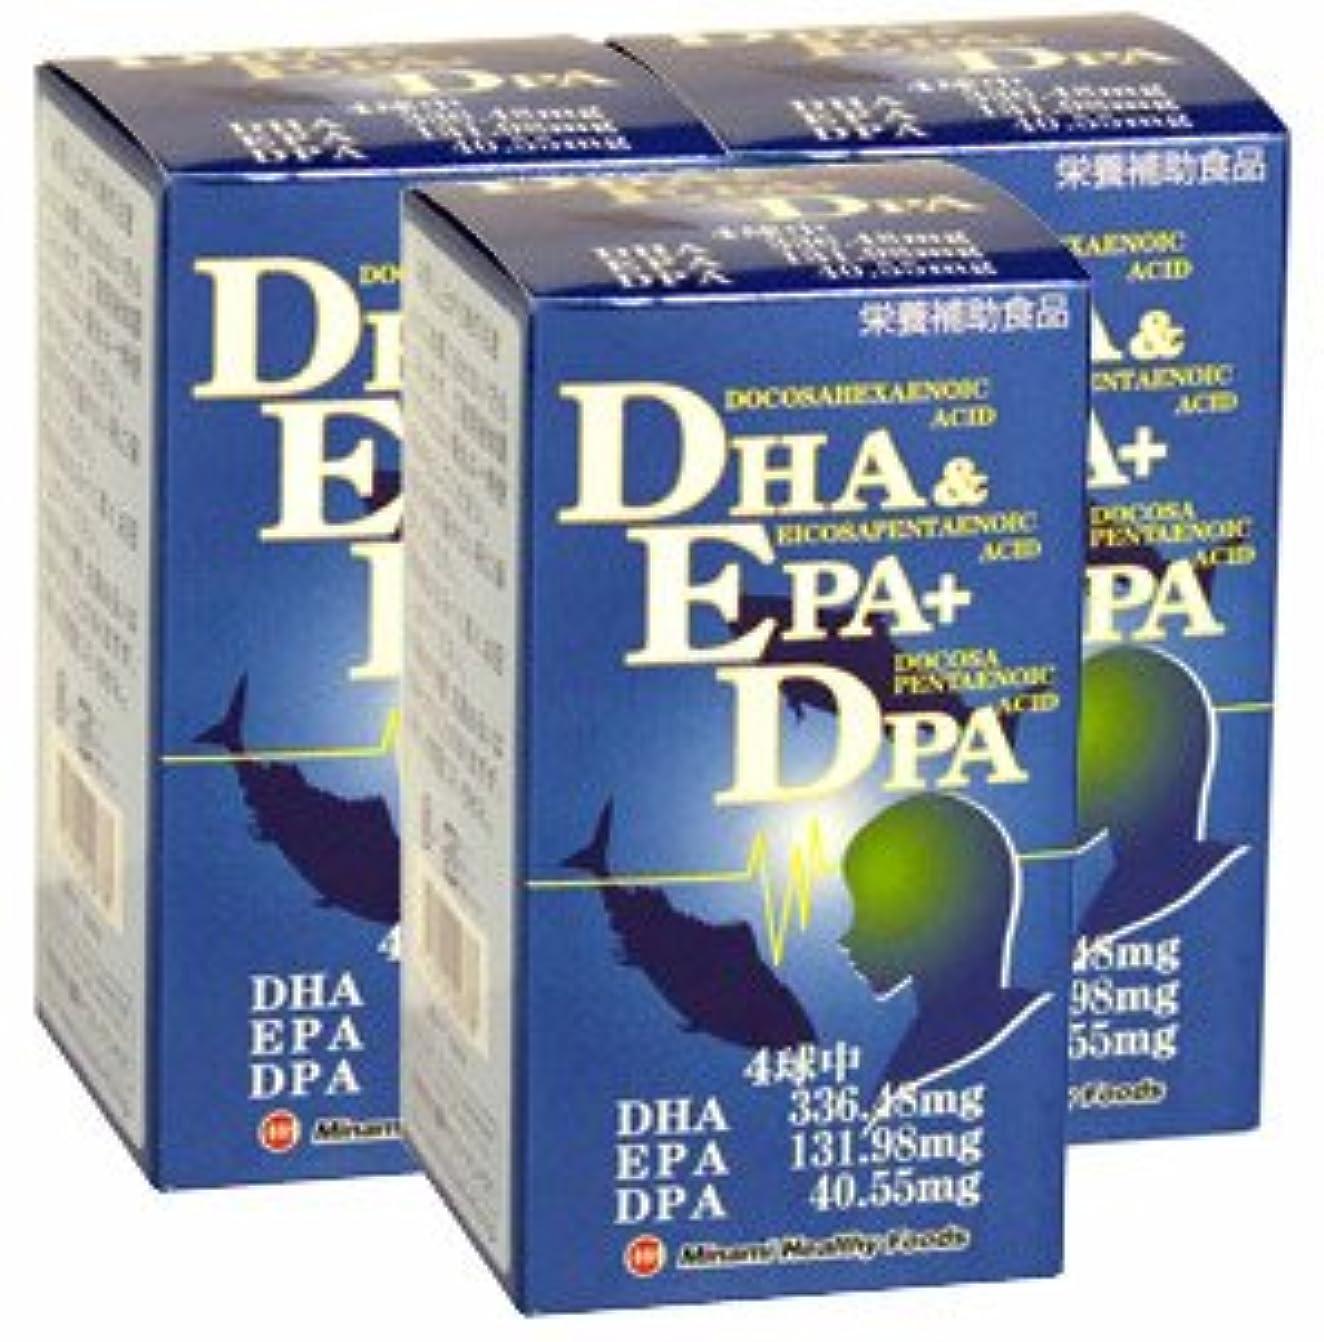 政治クリエイティブ何でもDHA&EPA+DPA【3本セット】ミナミヘルシーフーズ